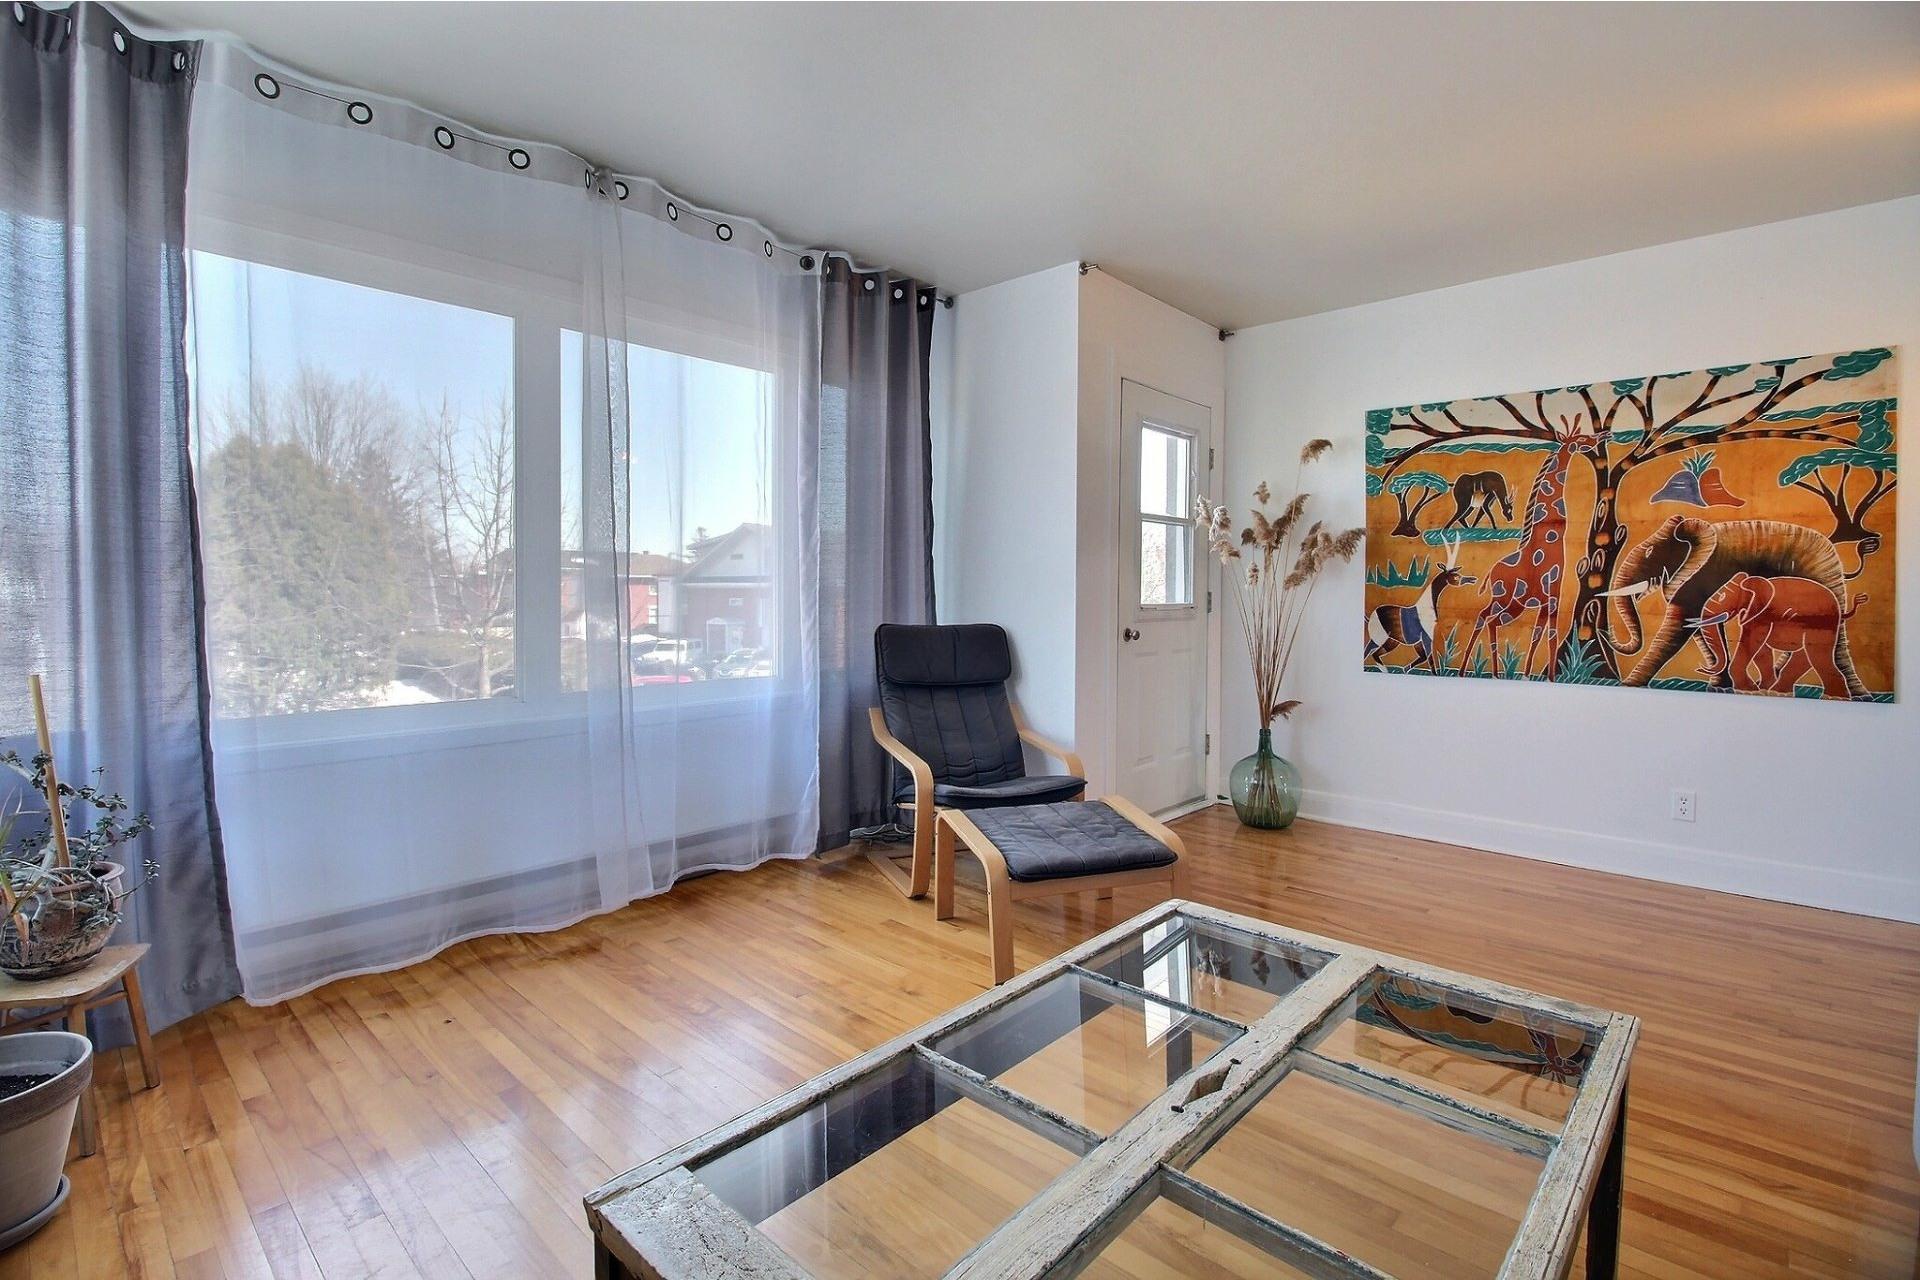 image 9 - Duplex For sale Joliette - 5 rooms